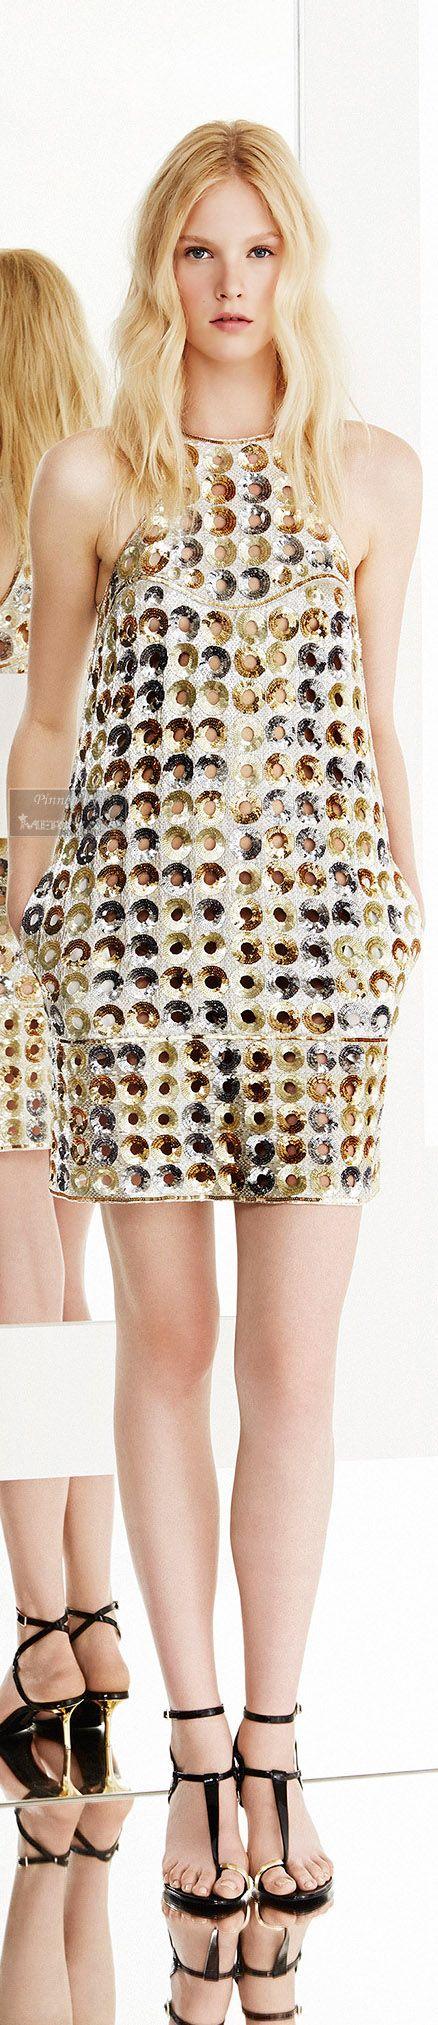 vestidos-dourados-curtos-diferente